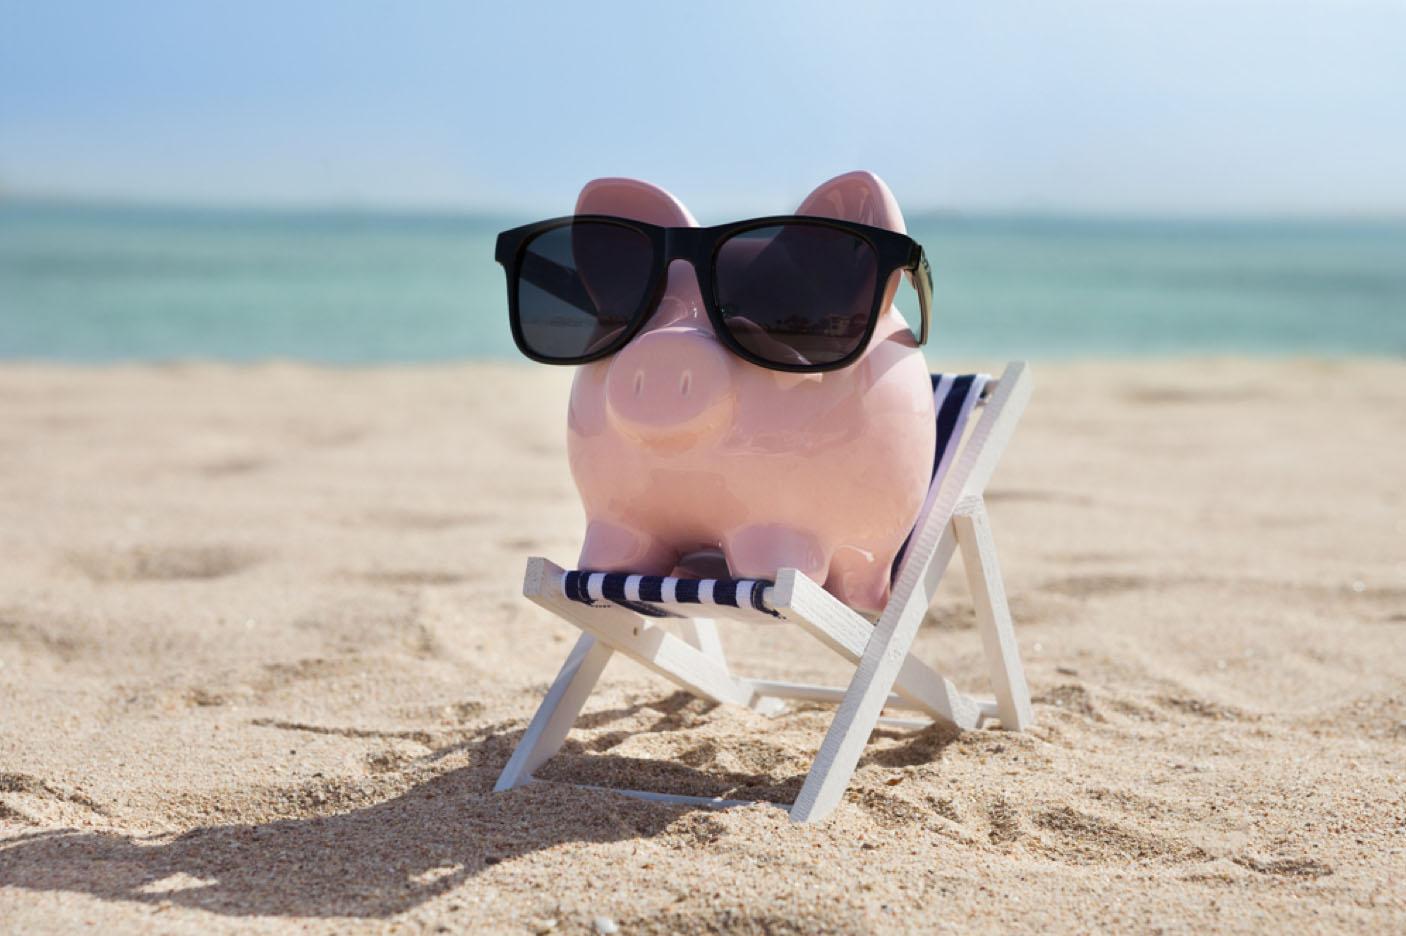 27 hiilgavat nippi suvel raha säästmiseks